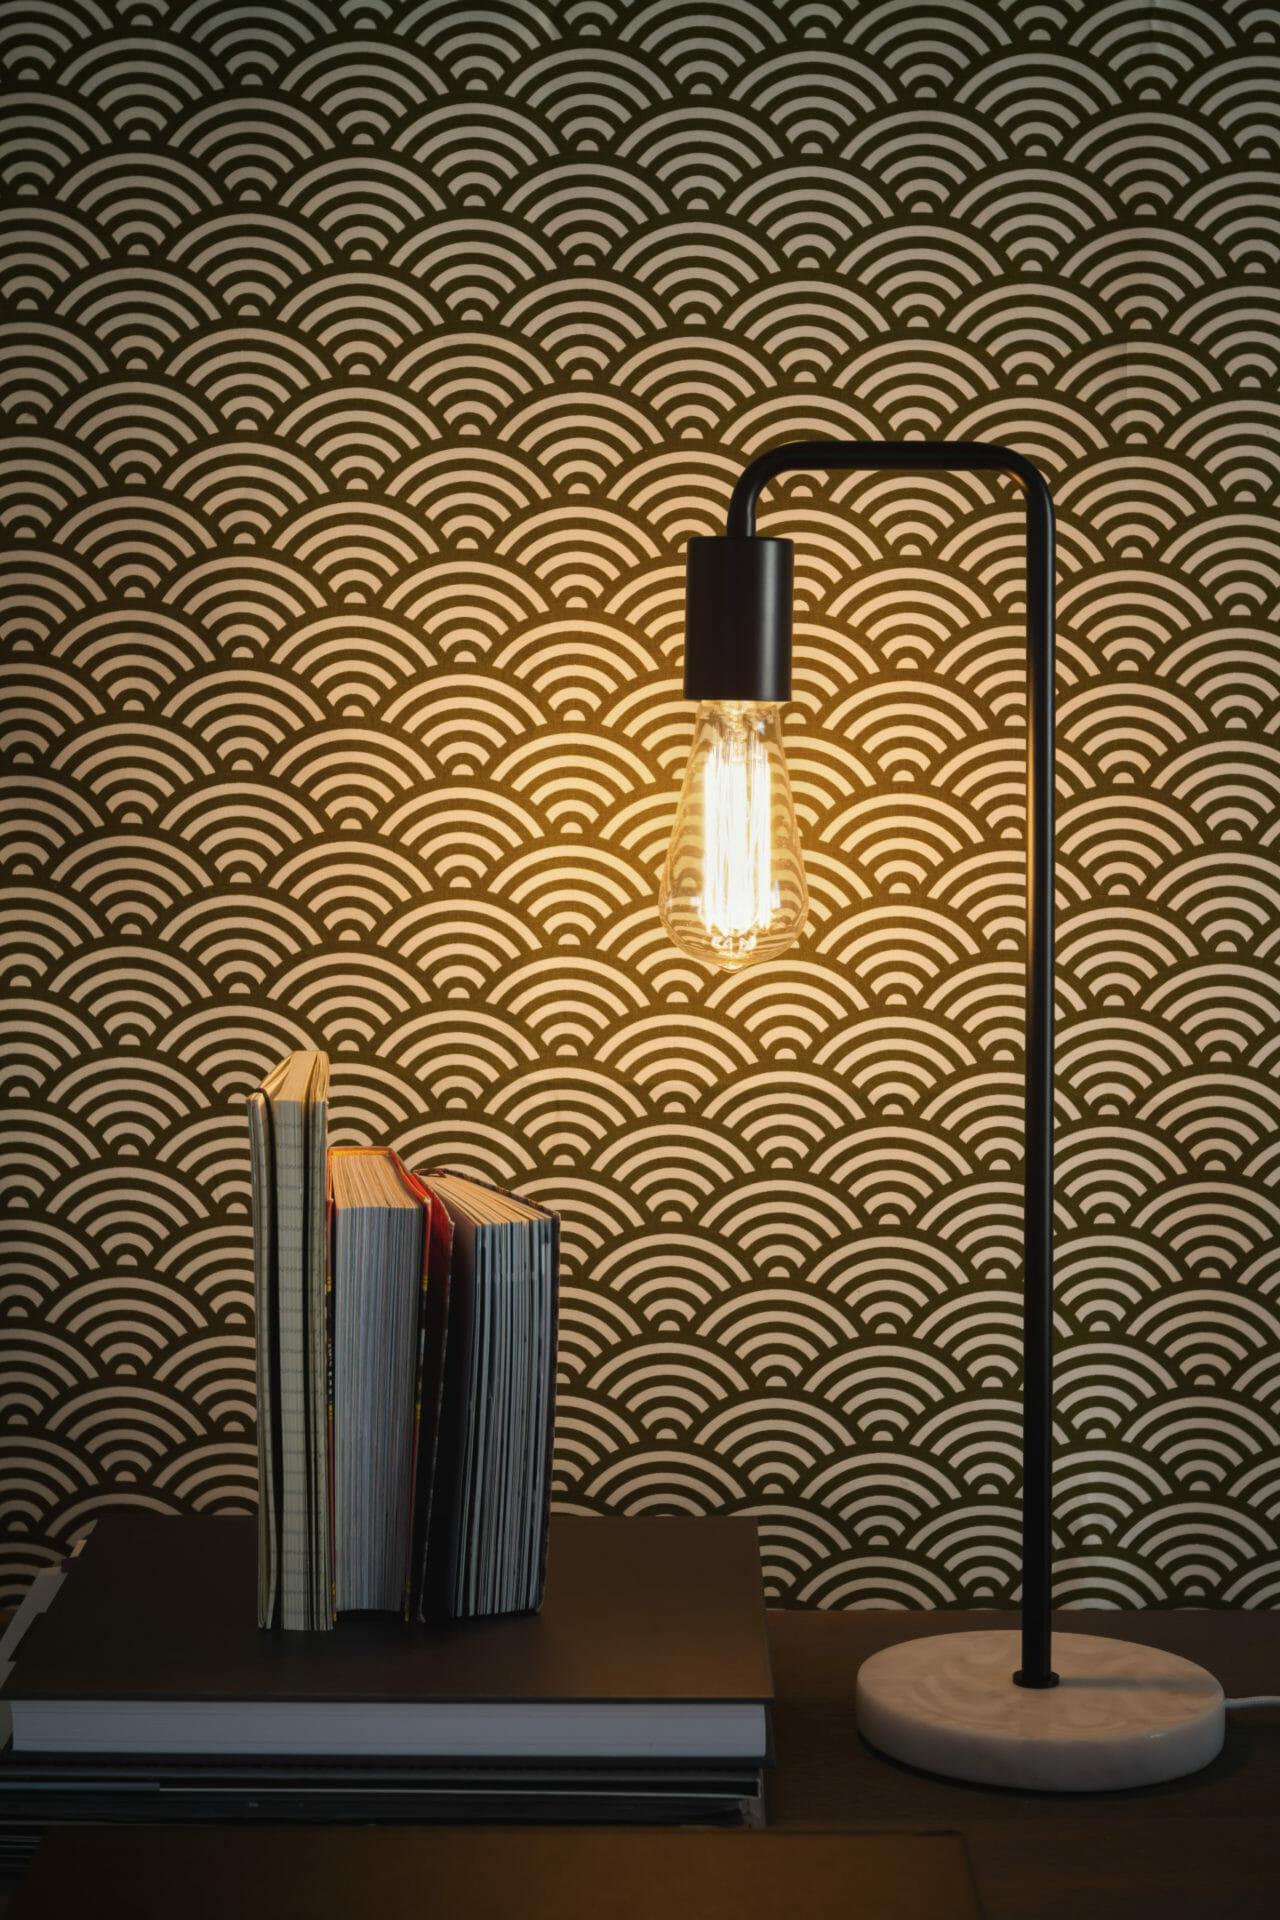 モダンな壁紙の特徴は 和モダンな部屋に仕上げる方法も解説